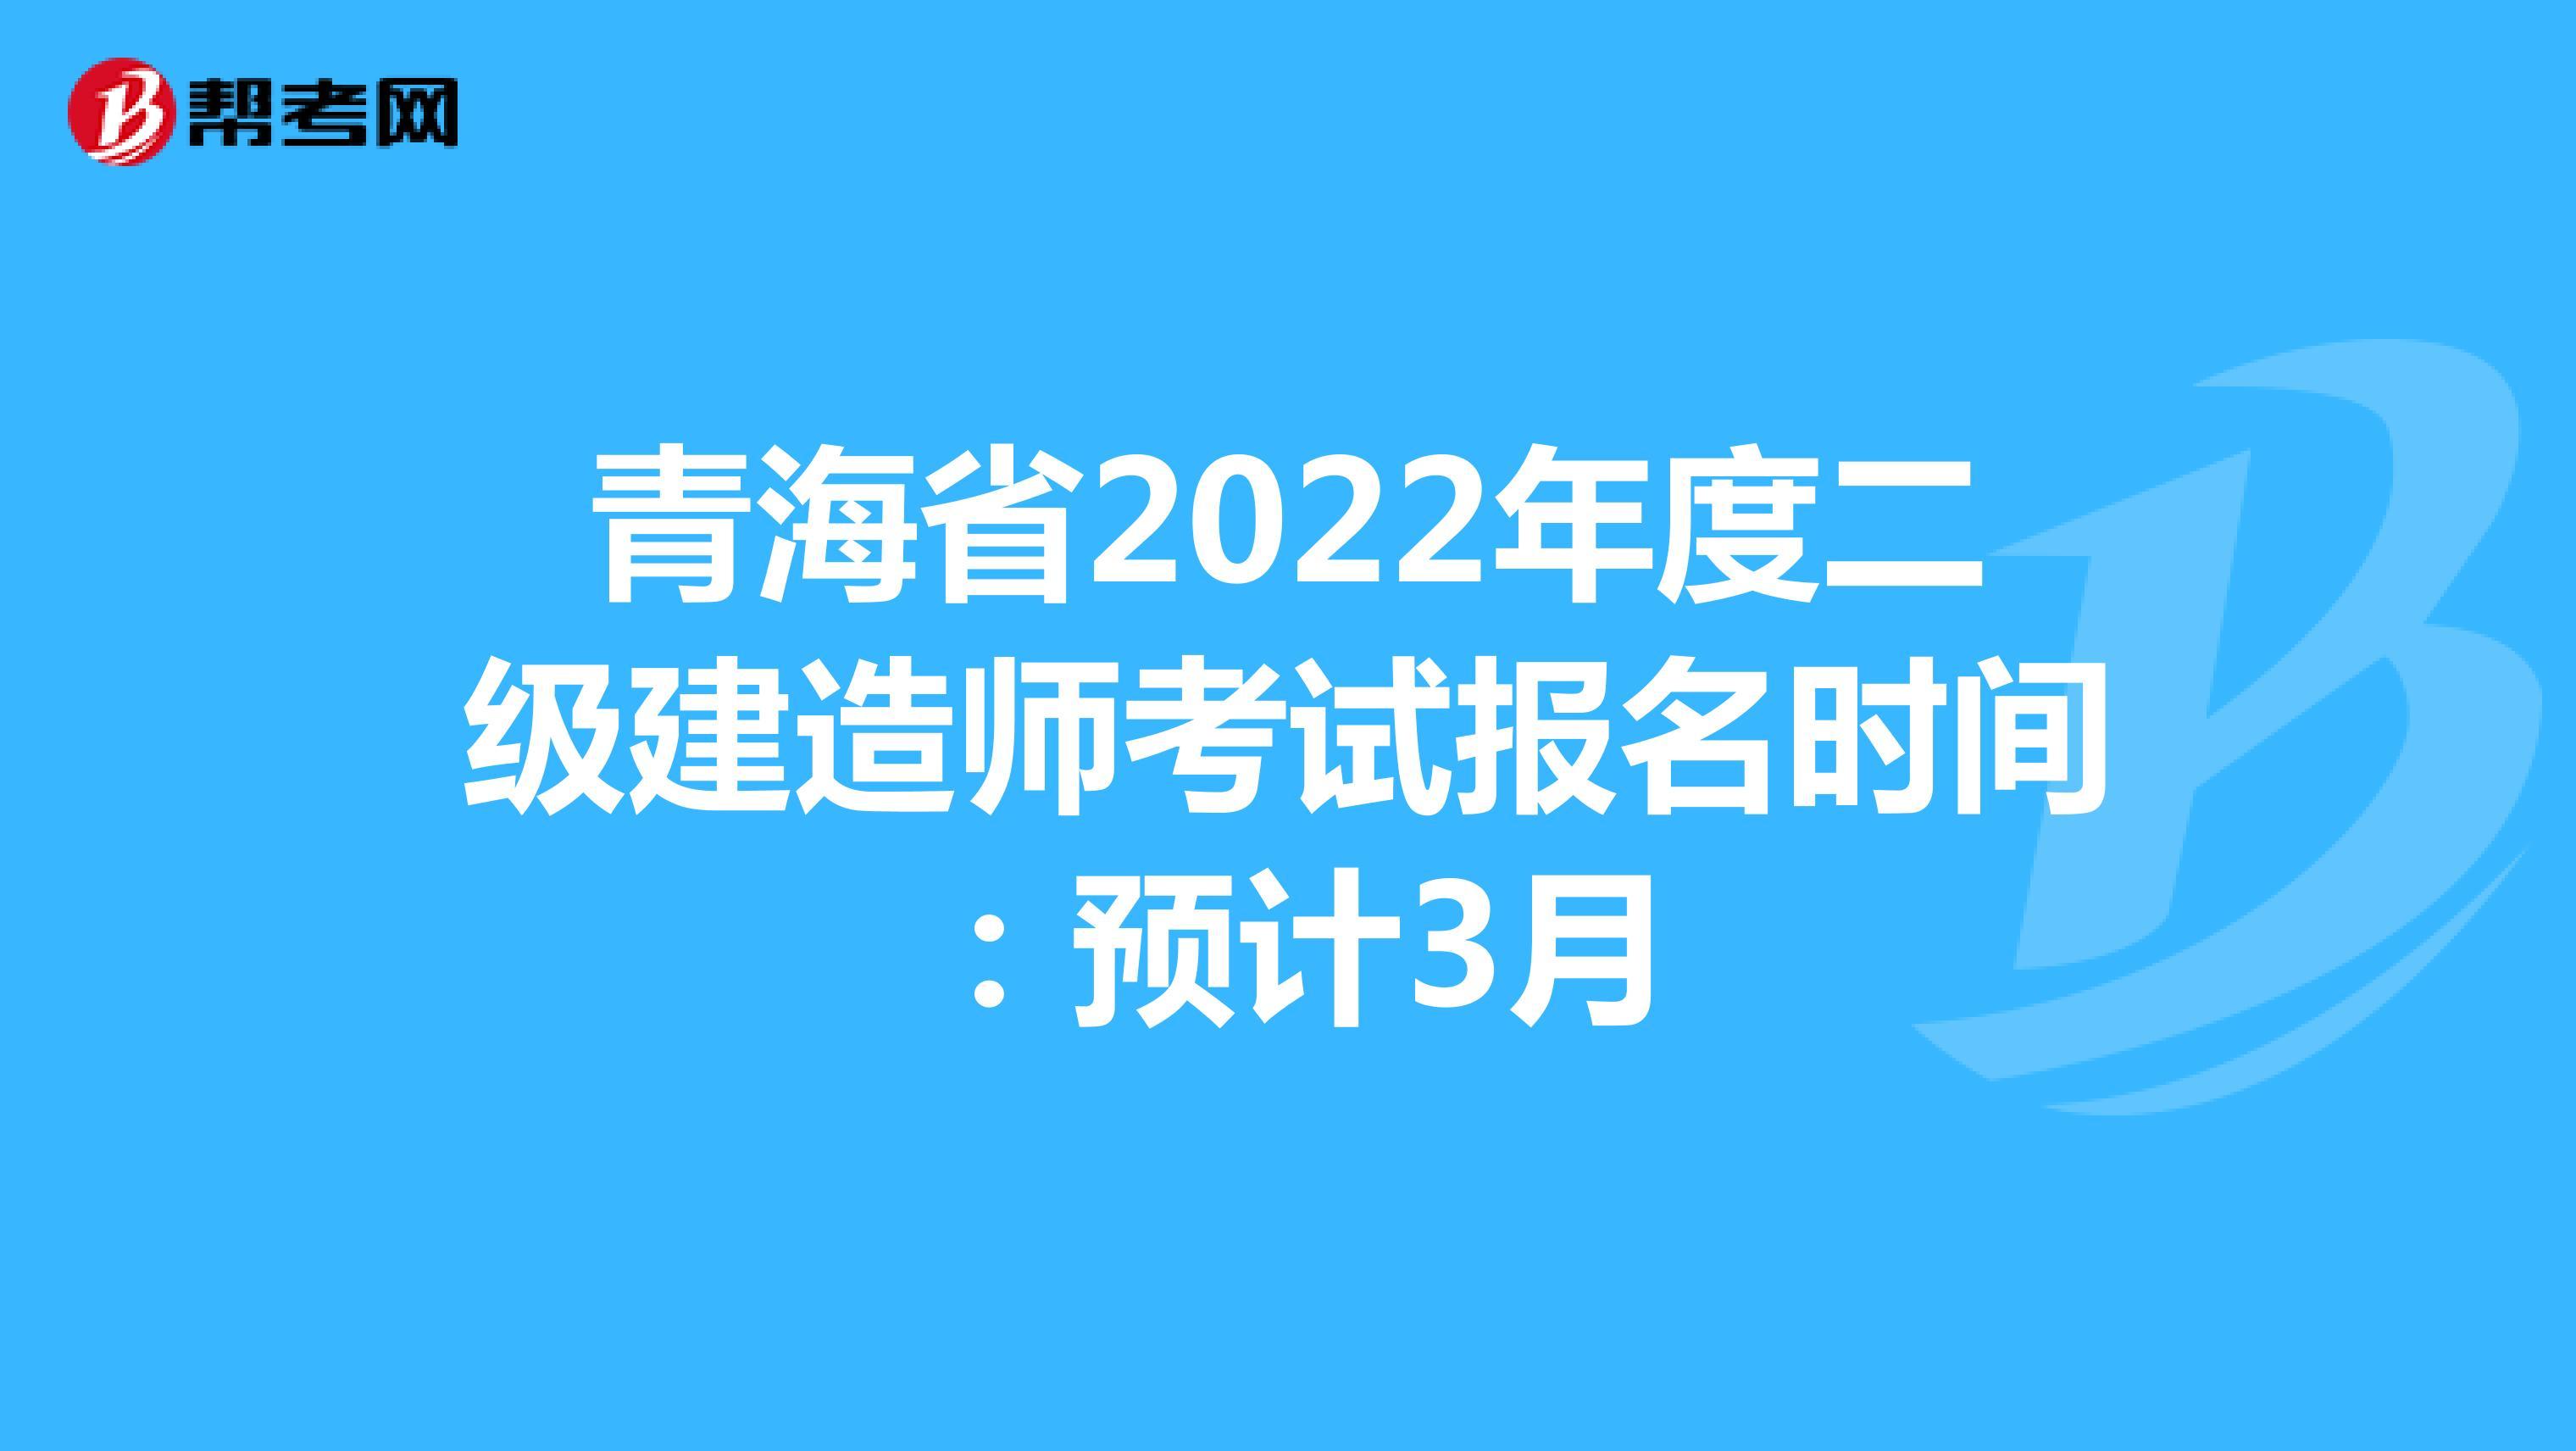 青海省2022年度二级建造师考试报名时间:预计3月